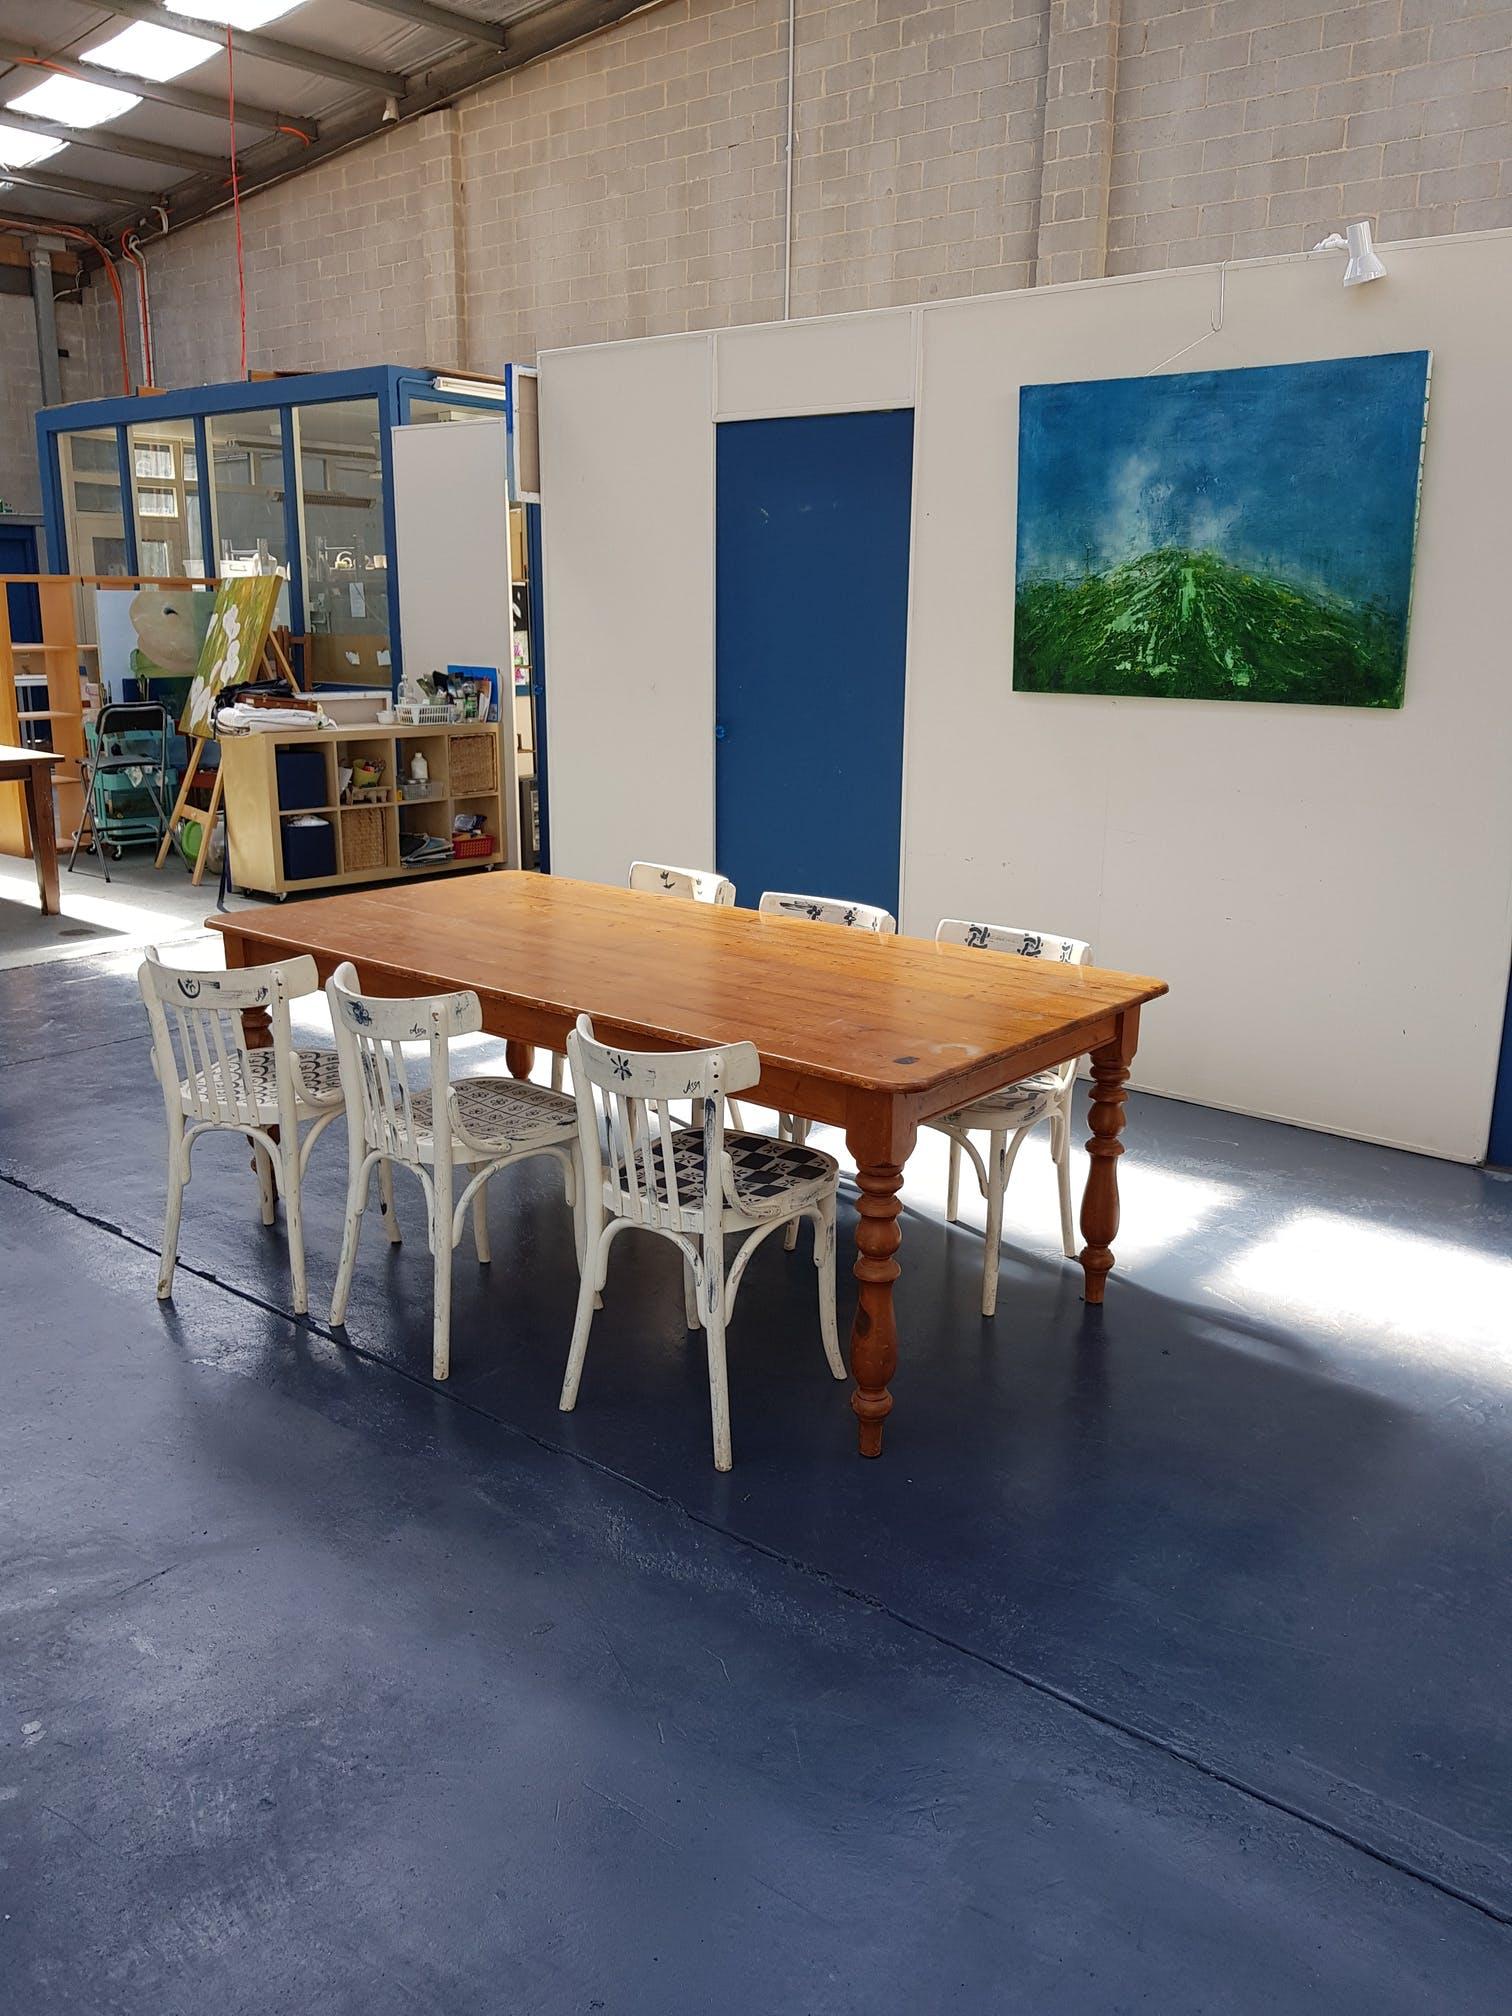 Workshop at Le Studio Art Space & Ceramic Studio, image 1